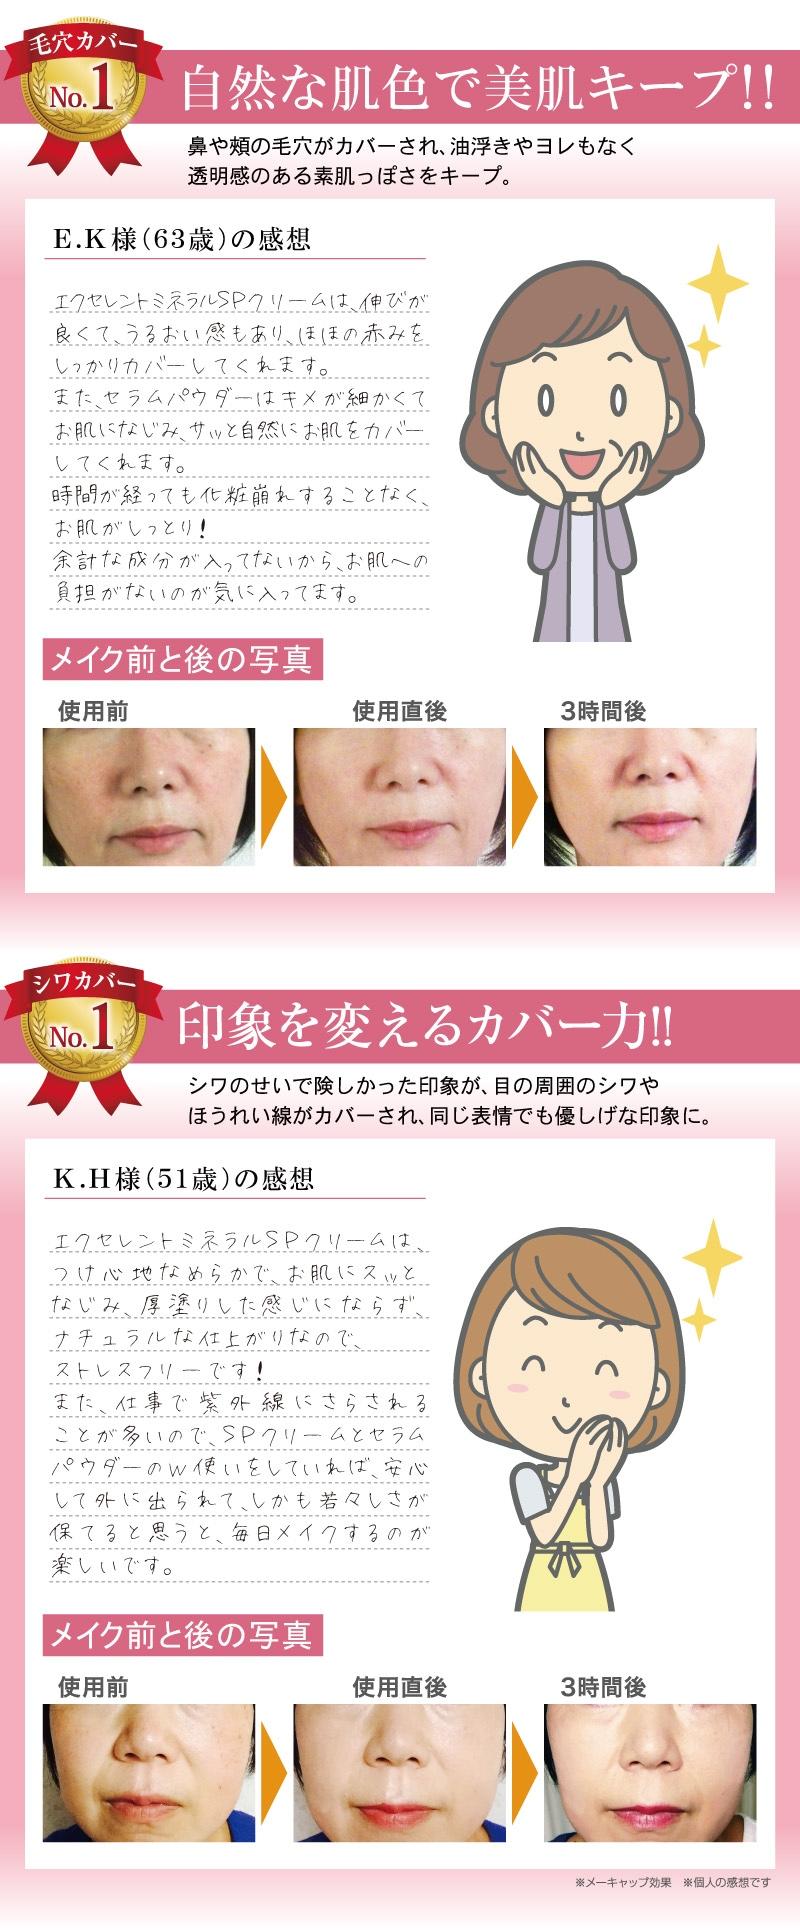 E.K様(63歳)の感想 エクセレントミネラルSPクリームは、伸びが良くて、うるおい感もあり、頬の赤みをしっかりカバーしてくれます。また、セラムパウダーはキメが細かくてお肌に馴染み、サッと自然にお肌をカバーしてくれます。時間が経っても化粧崩れすることなく、お肌がしっとり!余計な成分が入ってないから、お肌への負担がないのが気に入ってます。 K.H様(51歳)の感想 エクセレントミネラルSPクリームは、つけ心地なめらかで、お肌にスッとなじみ、厚塗りした感じにならず、ナチュラルナ仕上がりないので、ストレスフリーです!また、仕事で紫外線にさらされることが多いので、SPクリームとセラムパウダーのW使いをしていれば、安心して外に出られて、しかも若々しさが保てると思うと、毎日メイクするのが楽しいです。